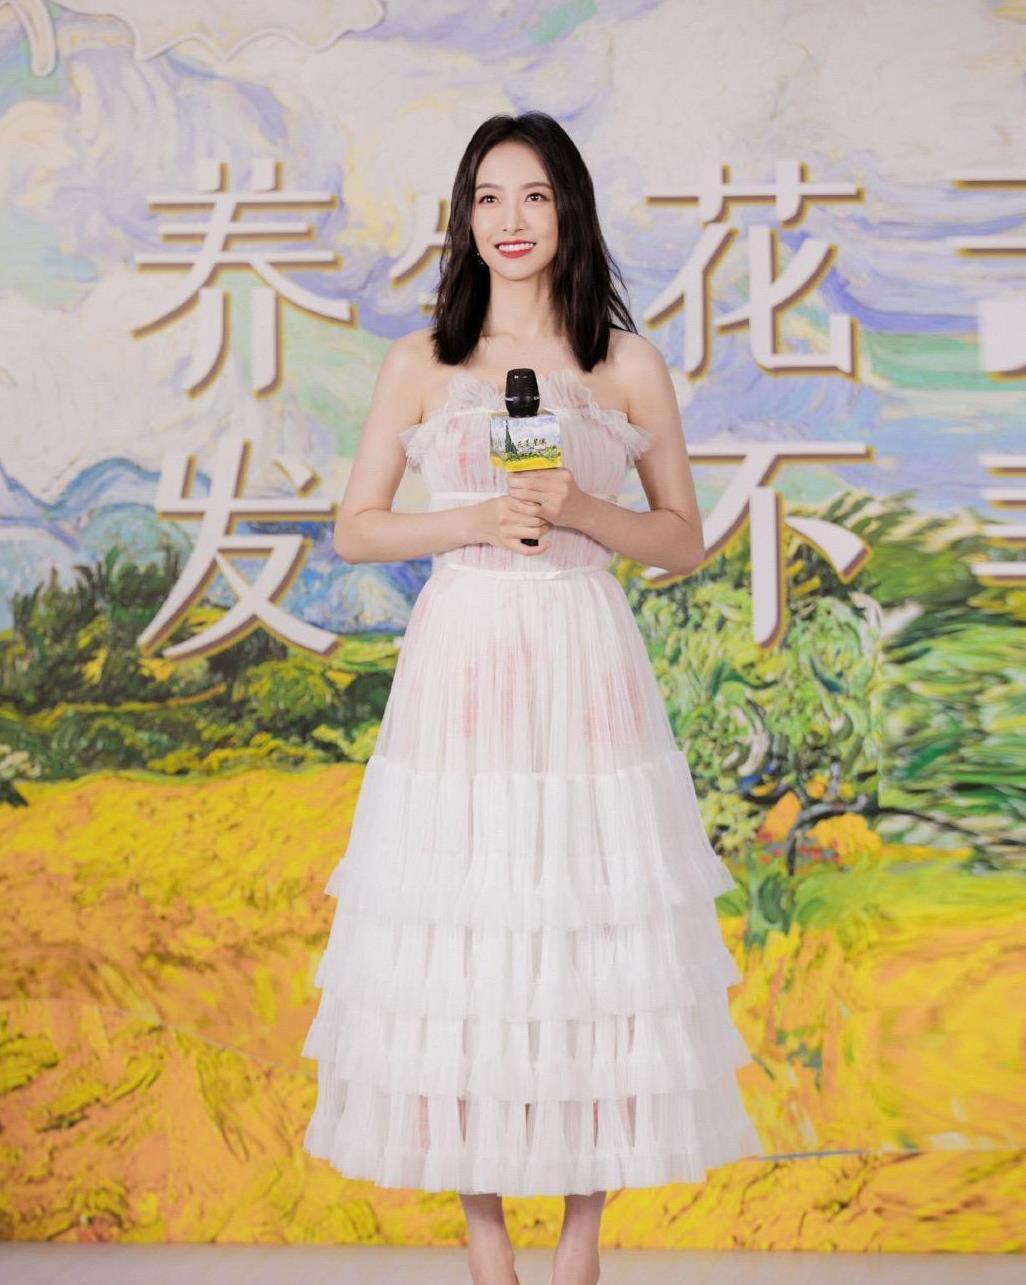 """宋茜颜值和气质没得挑,穿白色蛋糕裙减龄洋气,秒变成""""初恋"""""""